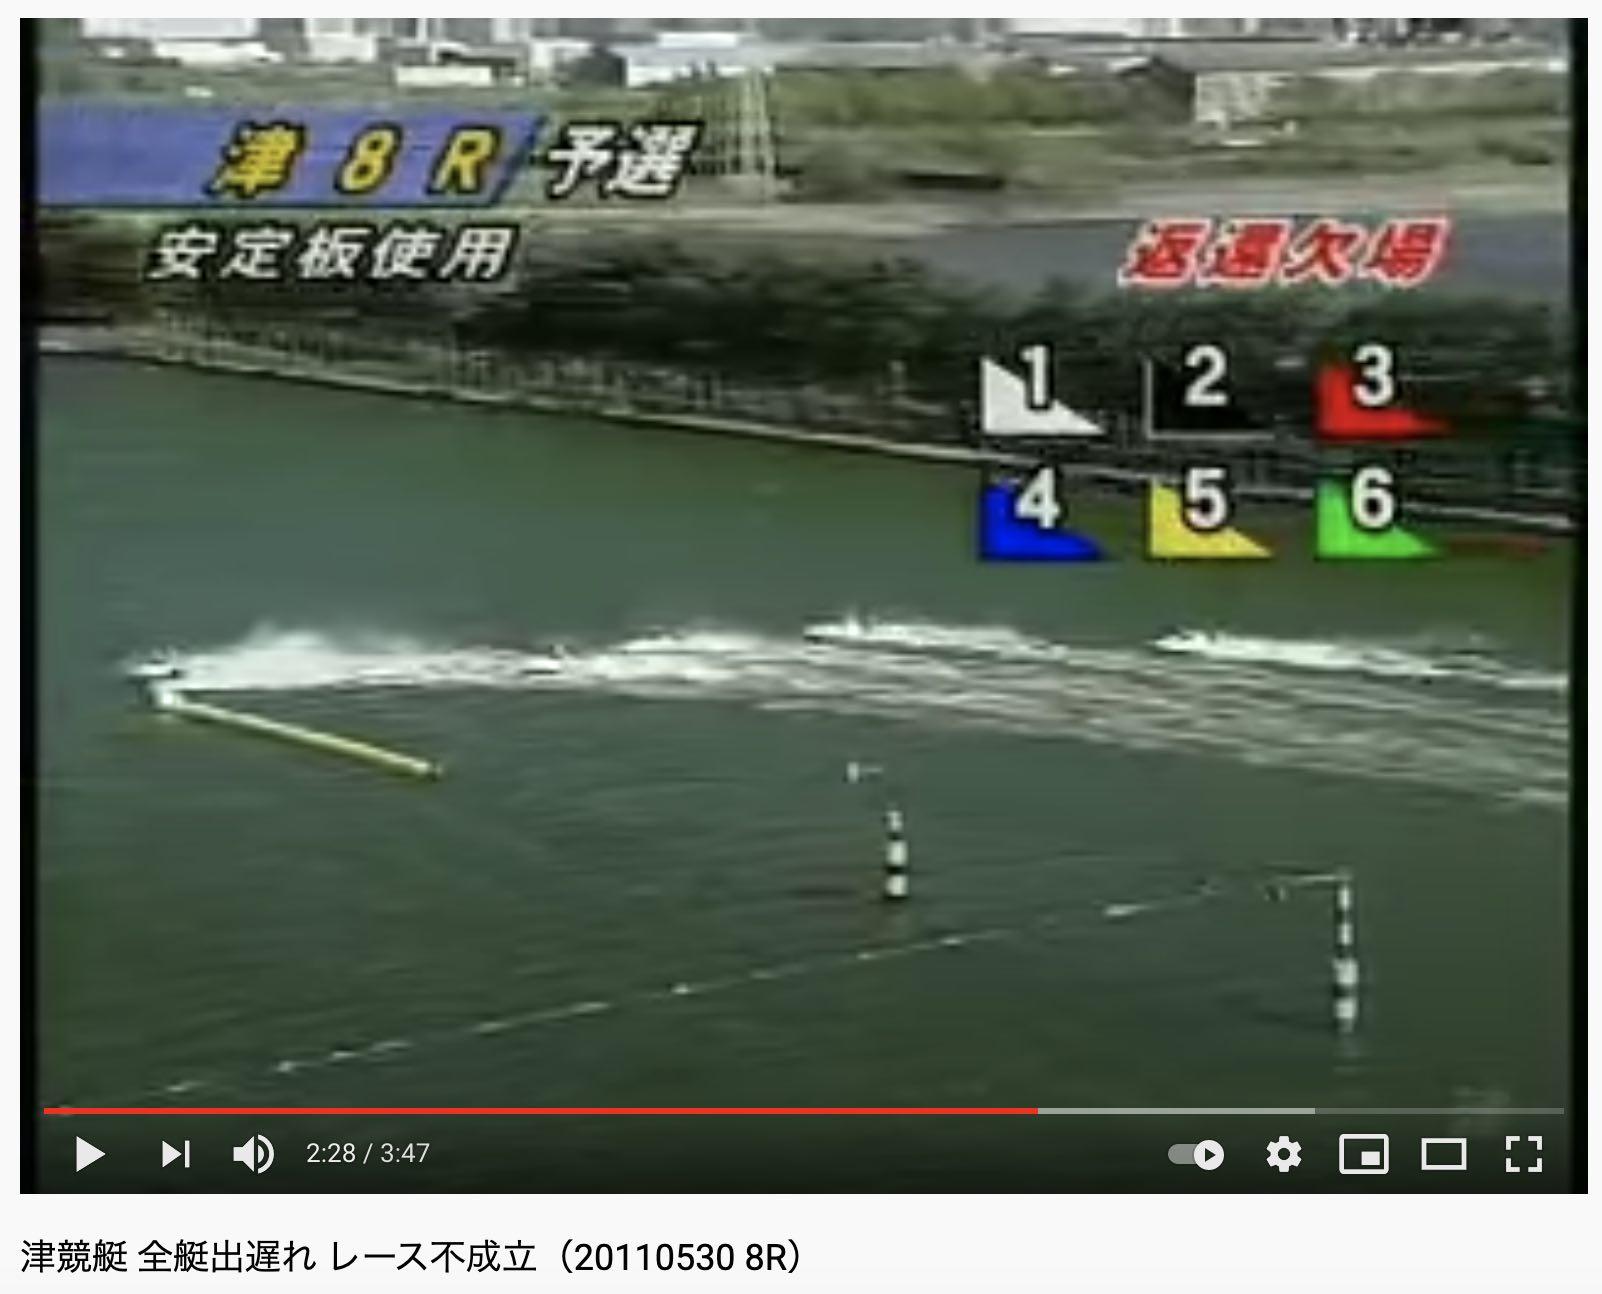 2011年5月30日の競艇ボートレースの「全艇出遅れ」